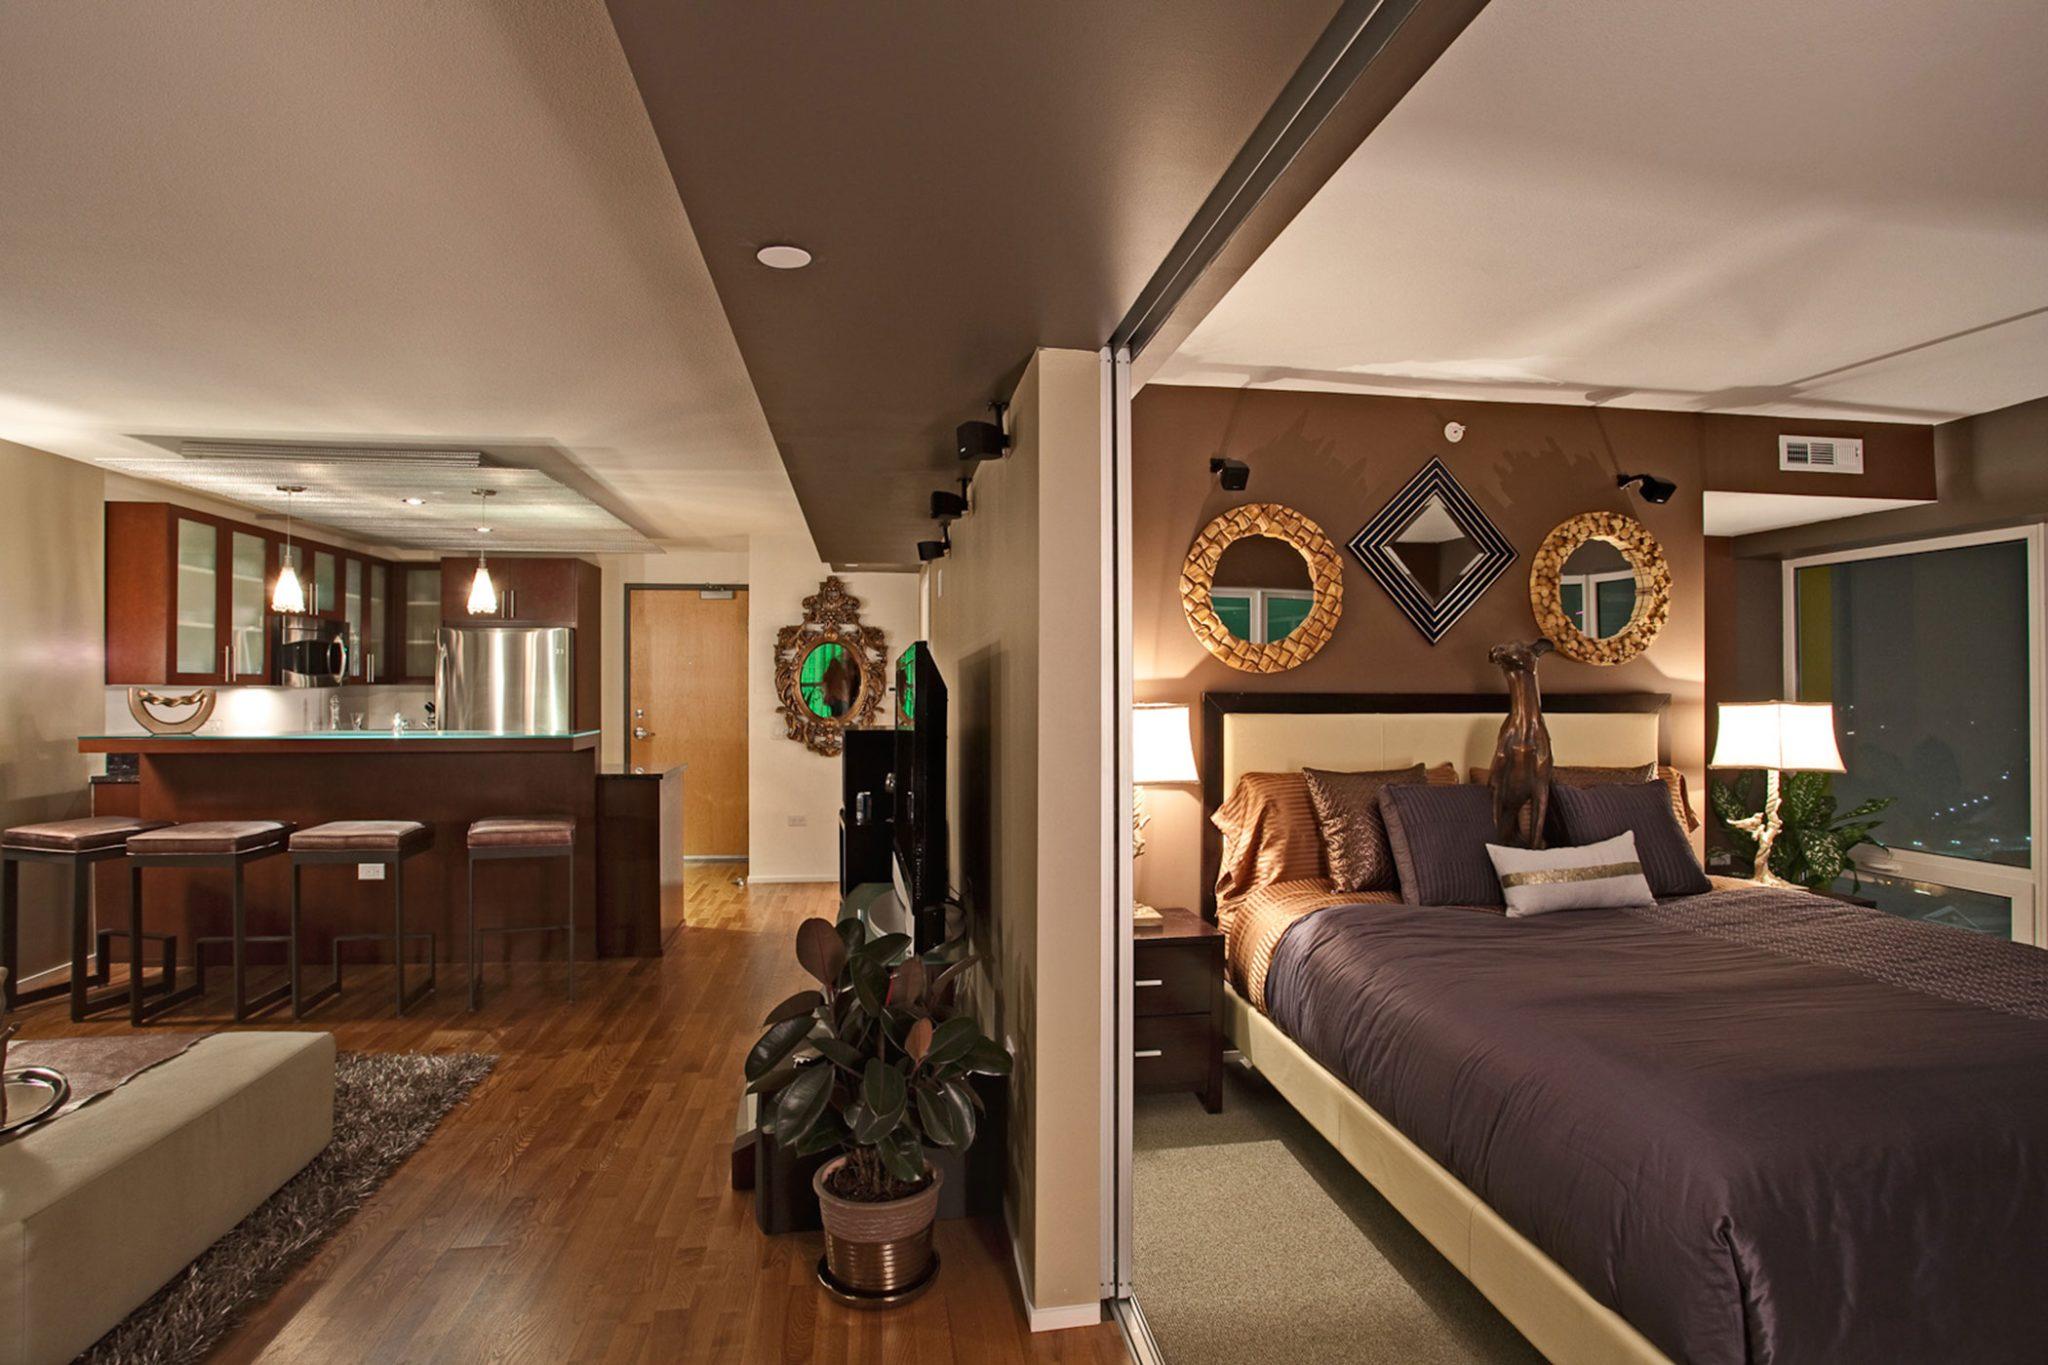 Urban Contemporary Spaces, Reno NV, luxury condominium by Aspen Leaf Interiors, Inc.